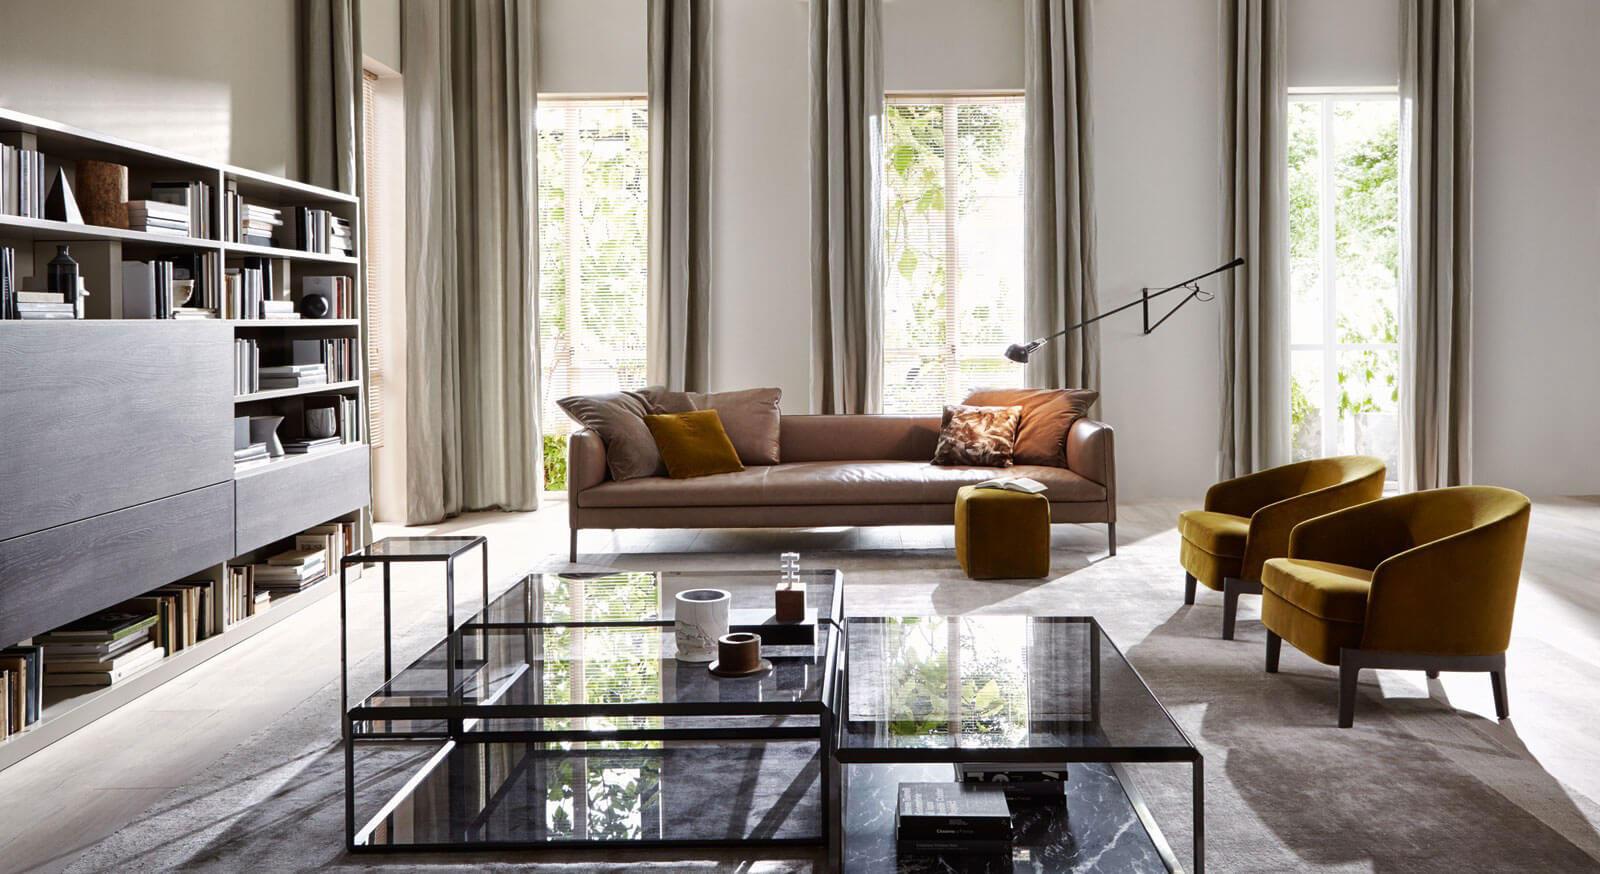 Sedute Paul - Devincenti negozio arredamento design Brescia